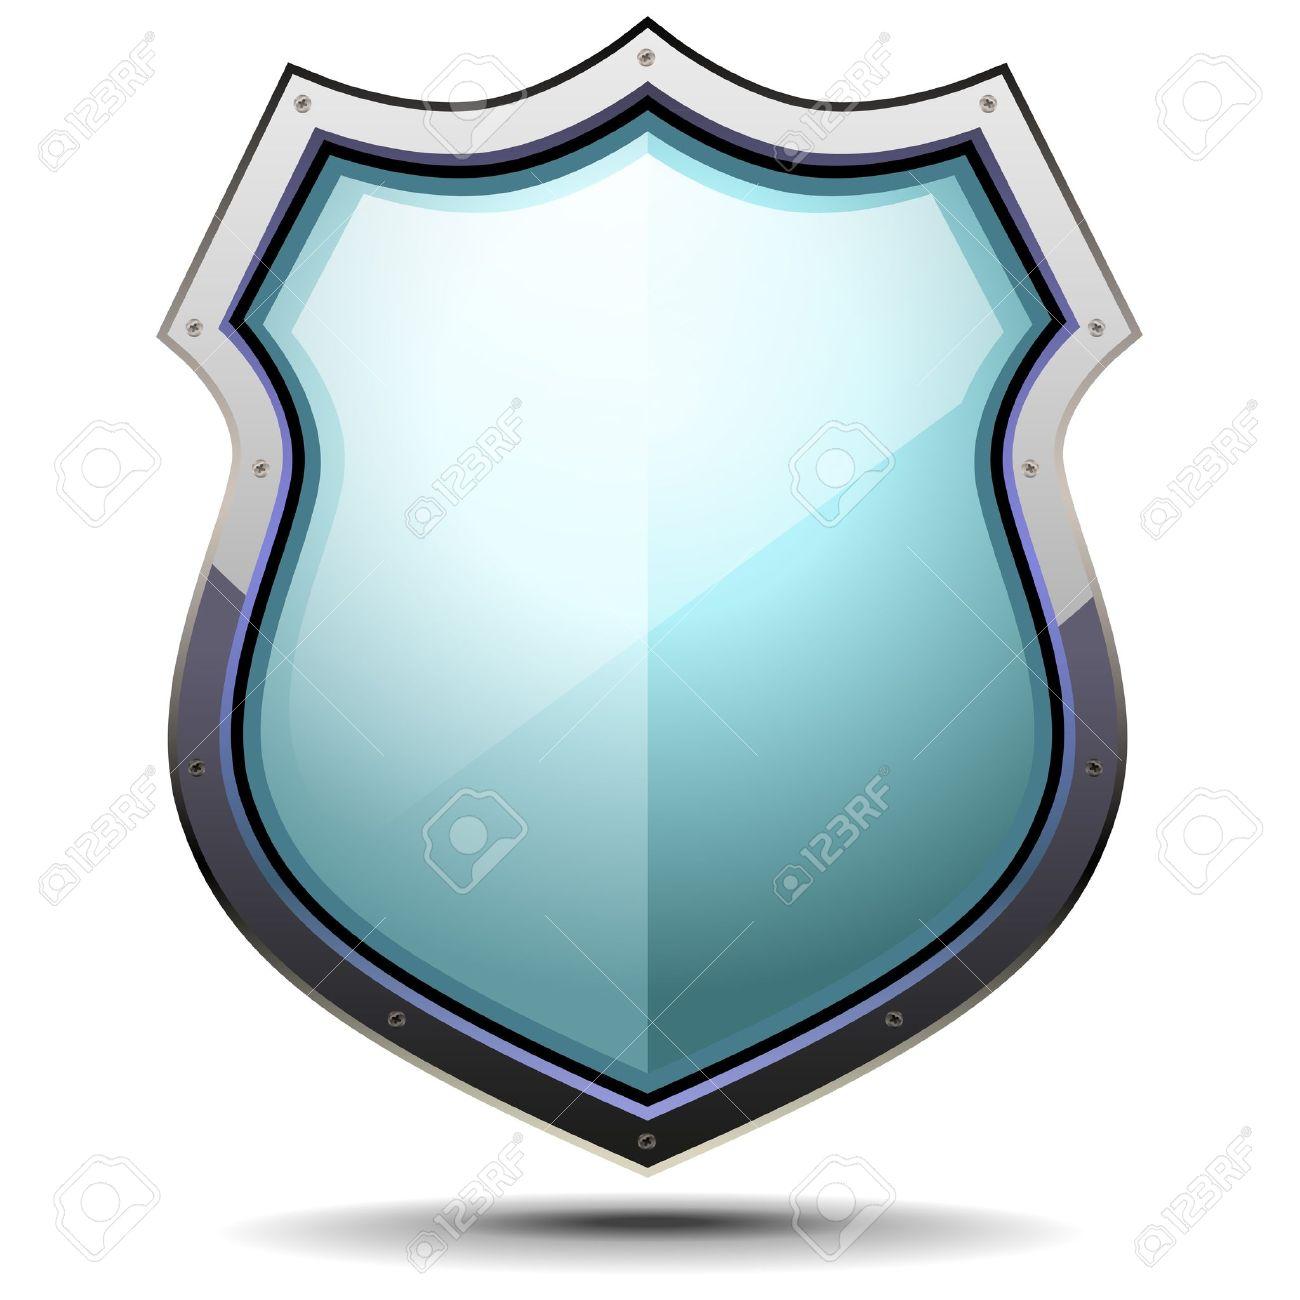 ilustración detallada de un escudo de armas símbolo de seguridad y